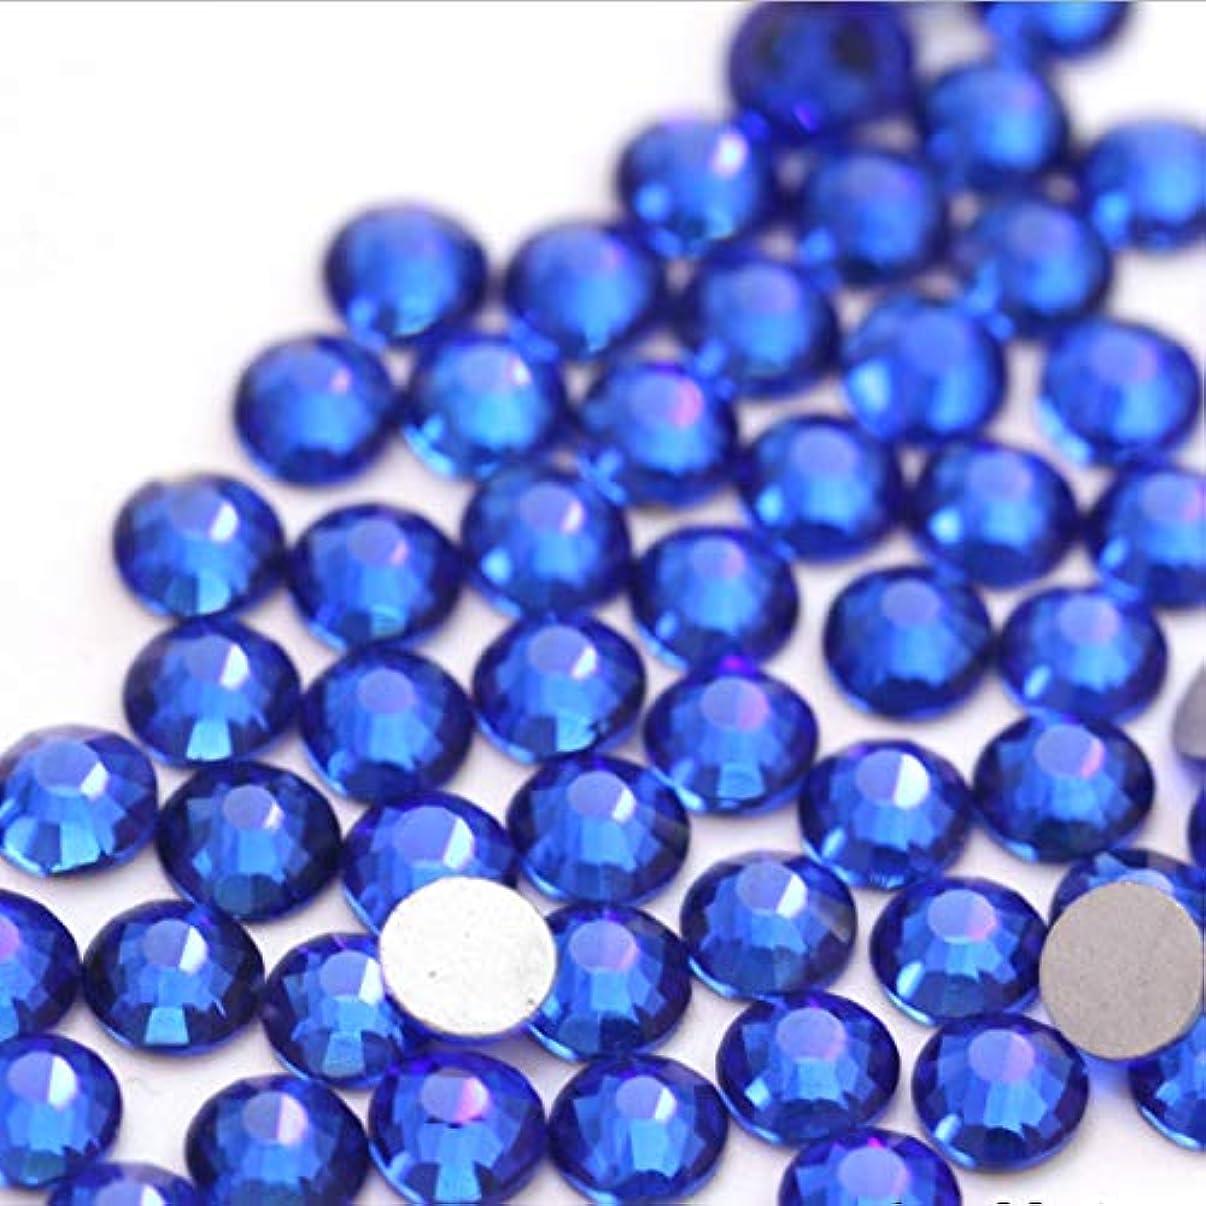 芽挑発する一部【ラインストーン77】高品質ガラス製ラインストーン サファイア(3.0mm (SS12) 約200粒)